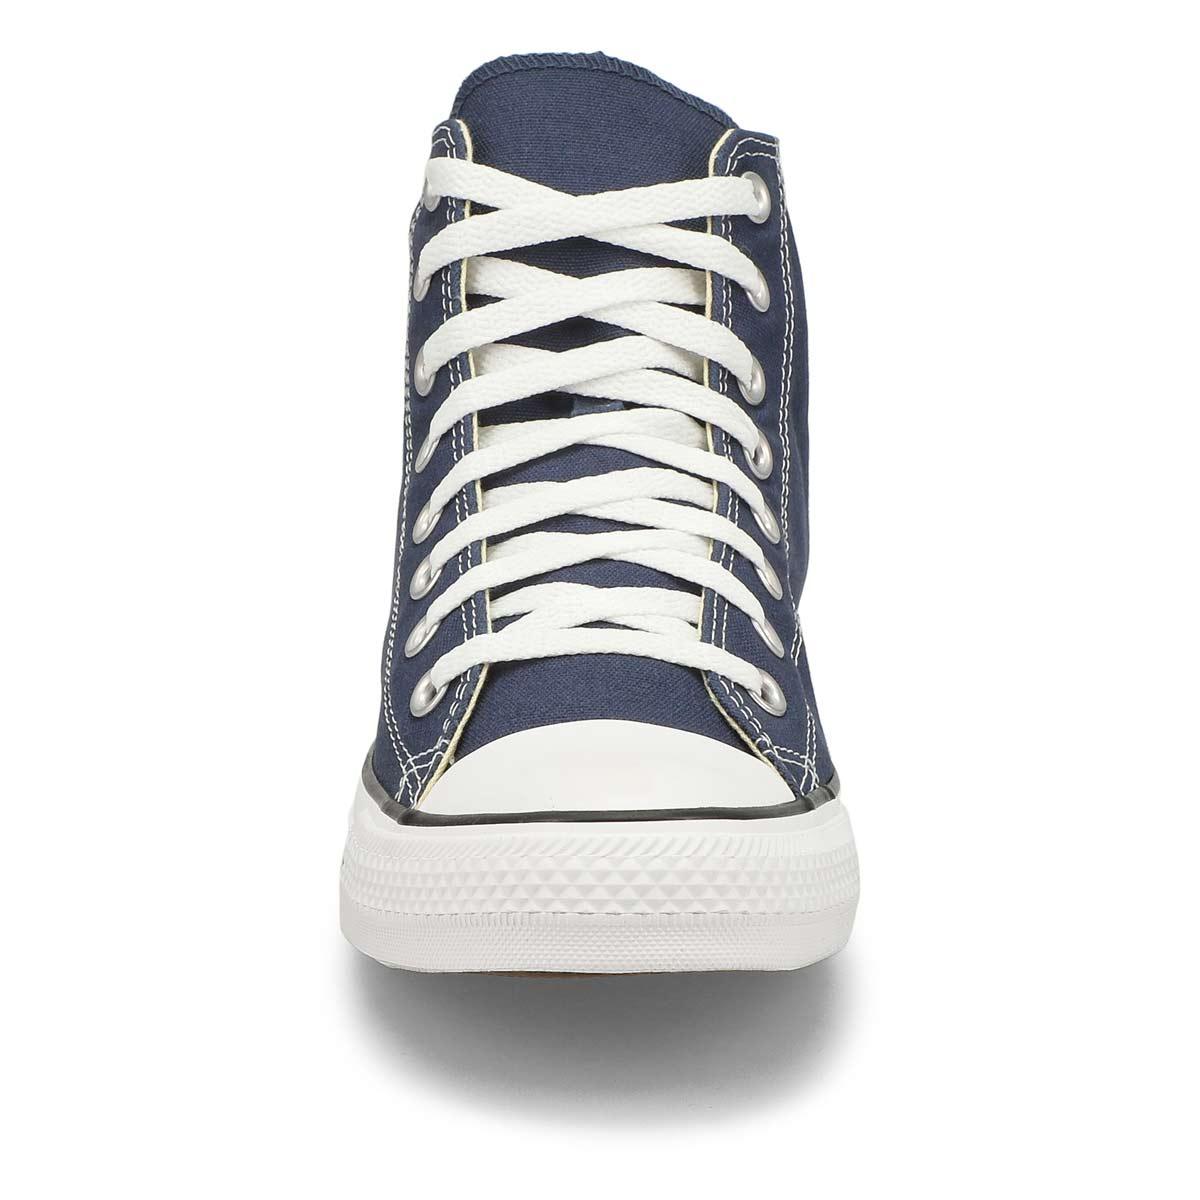 Men's All Star Core Hi Top Sneaker - Navy